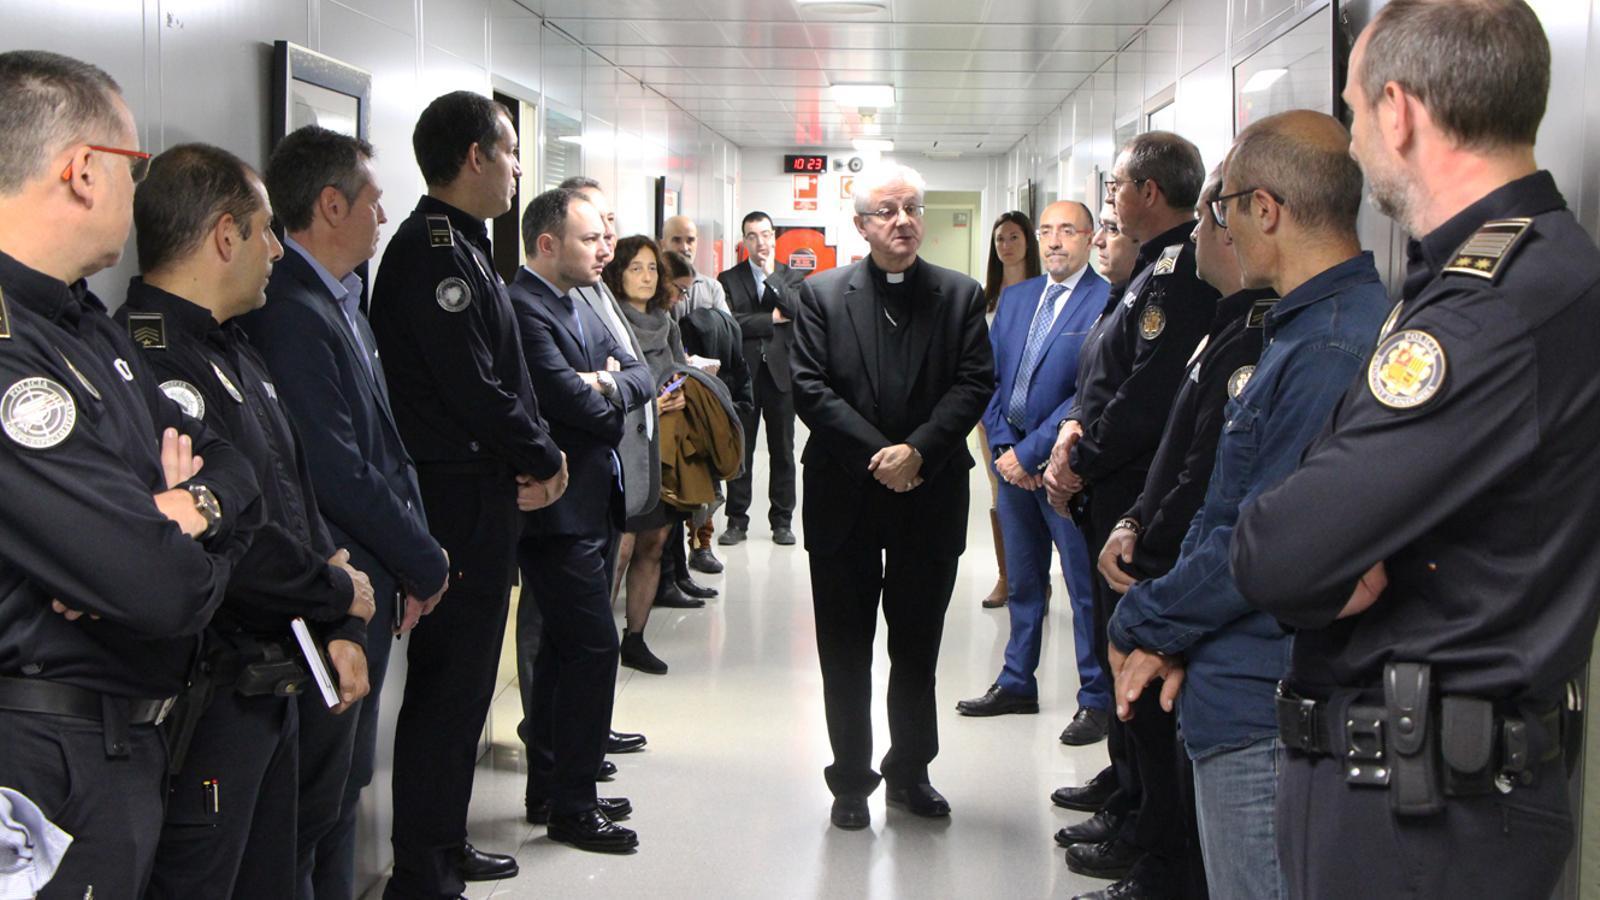 L'arquebisbe d'Urgell i copríncep episcopal, Joan-Enric Vives, amb els caps dels diferents departaments policials aquest dimarts. / M. P. (ANA)